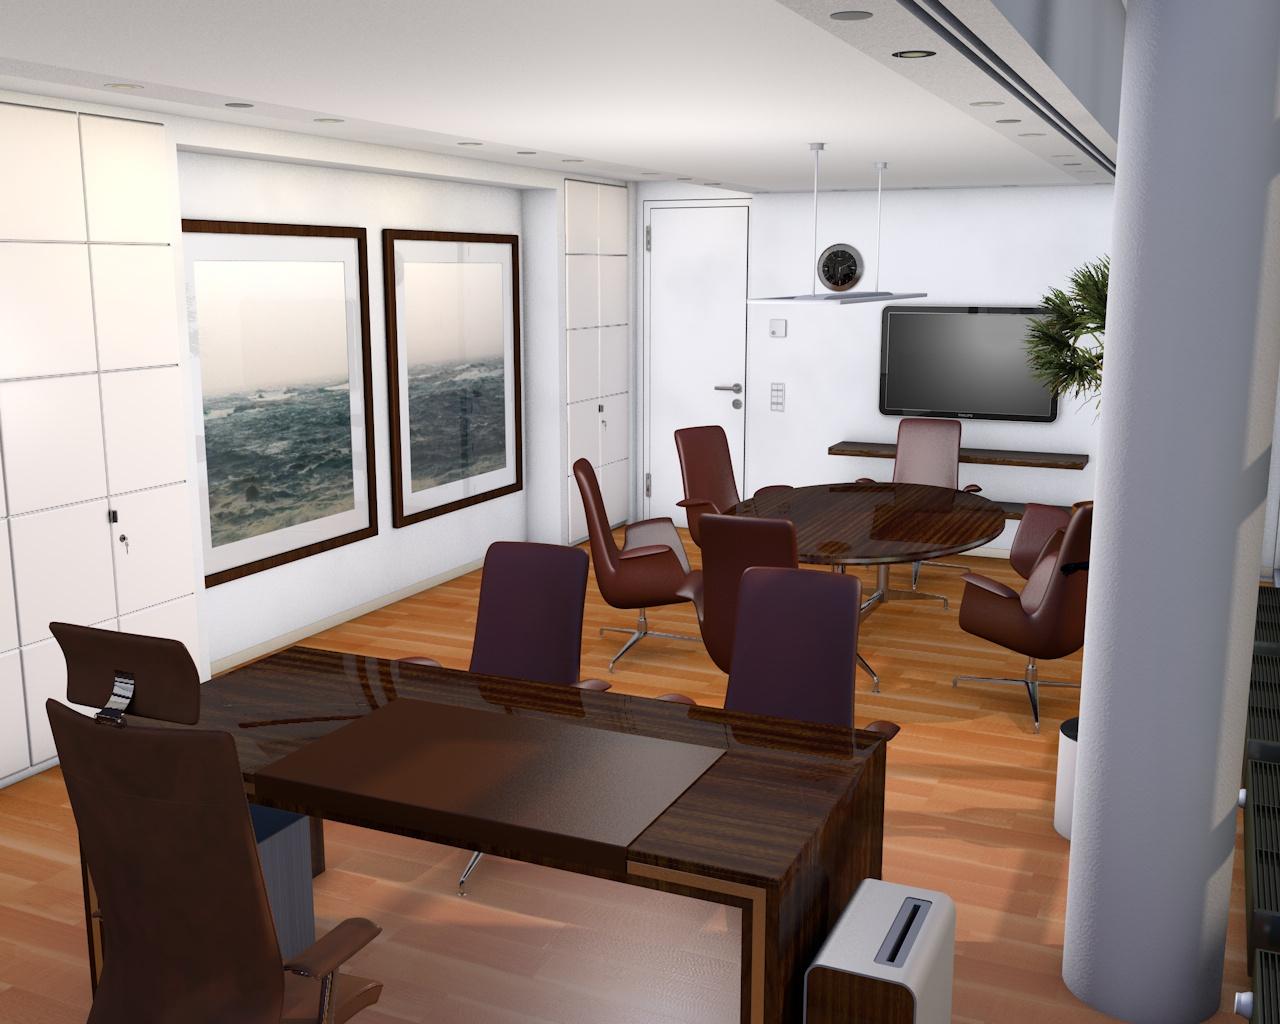 cinema 4d seite 2. Black Bedroom Furniture Sets. Home Design Ideas